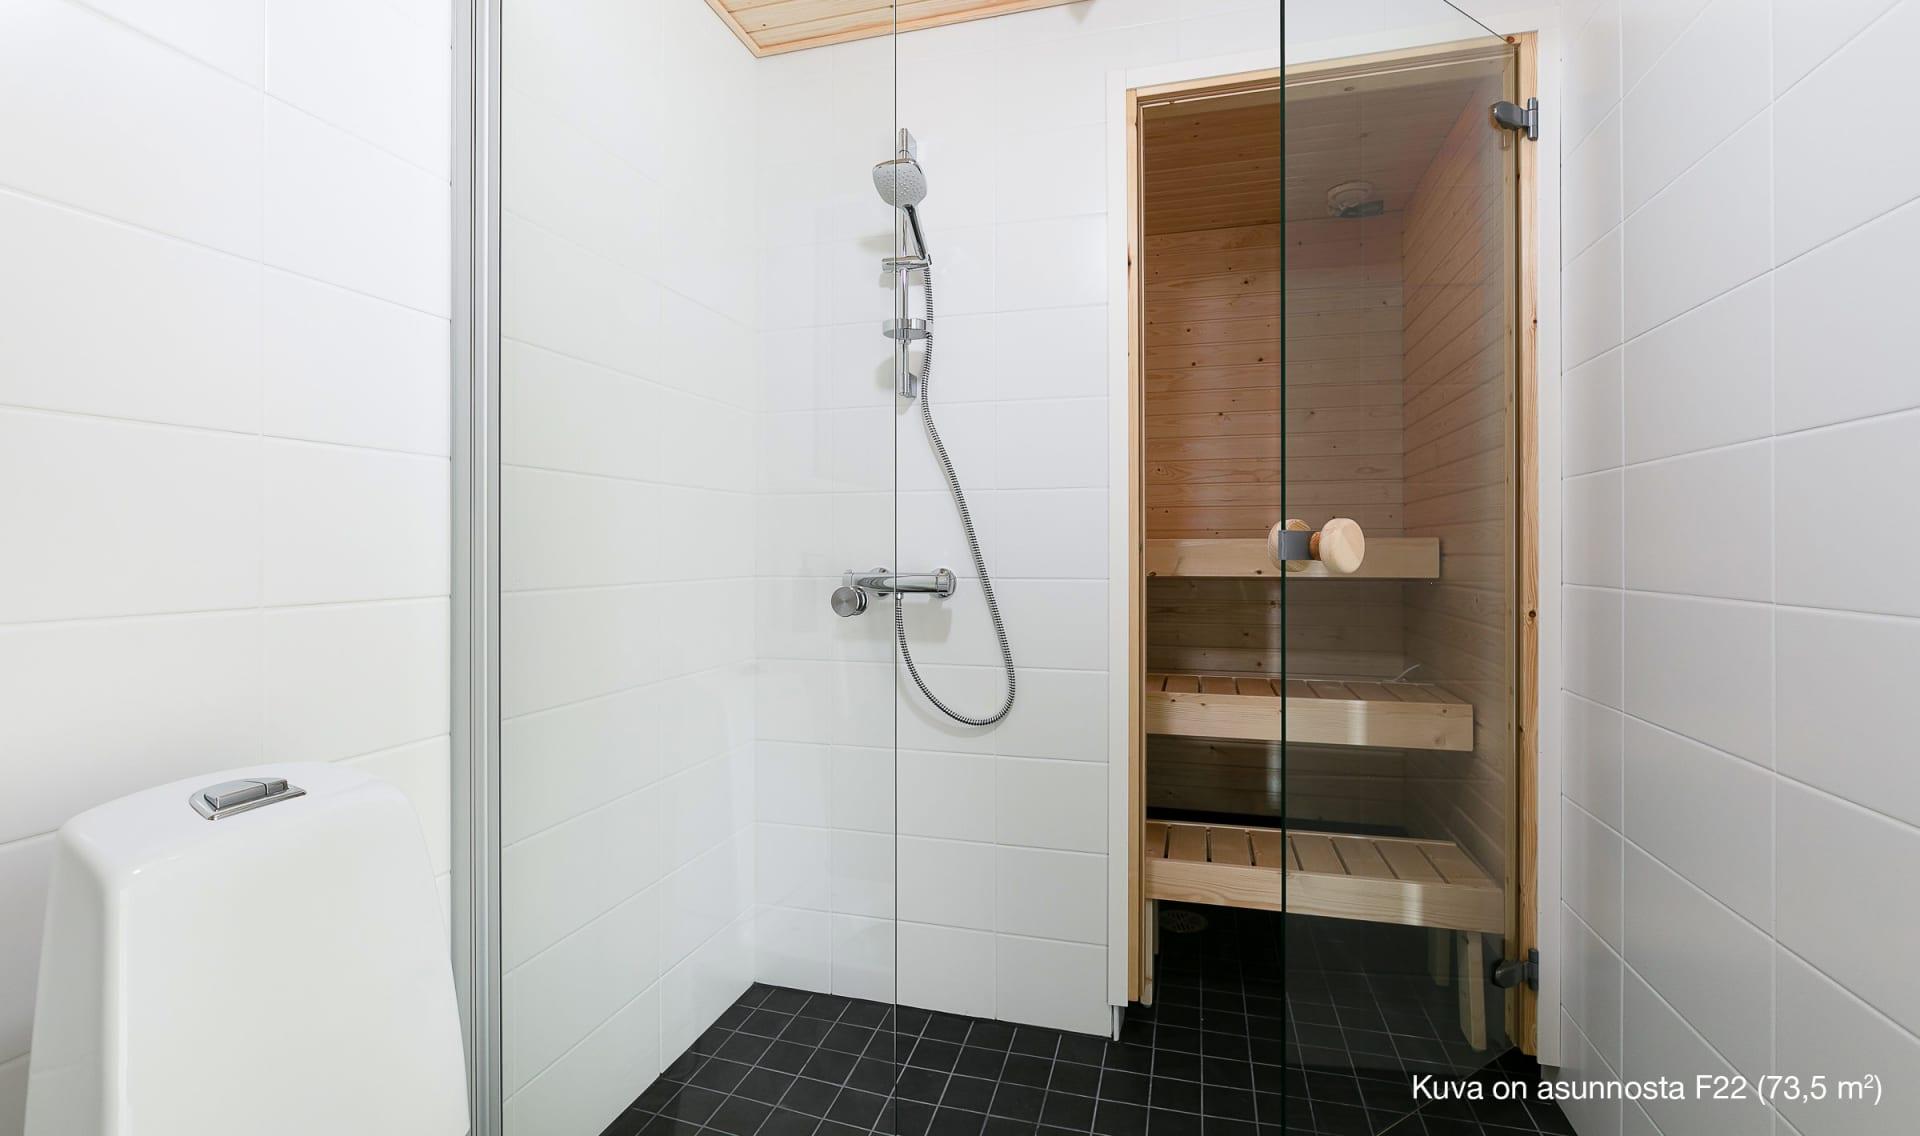 Asunto Oy Espoon Puolukka, 73,5 m2